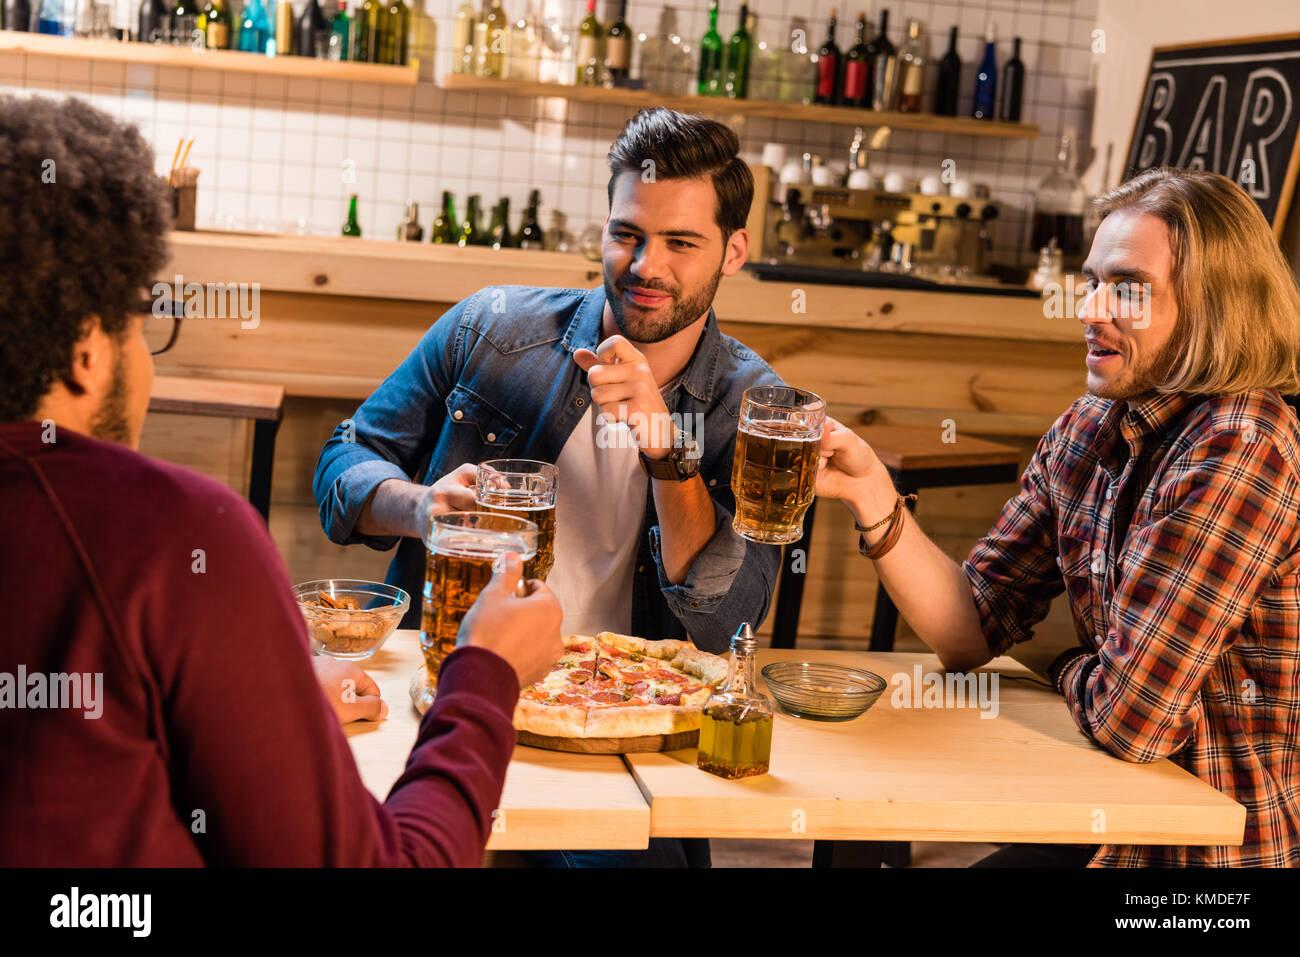 Freunde mit Pizza und Bier in der Bar Stockbild